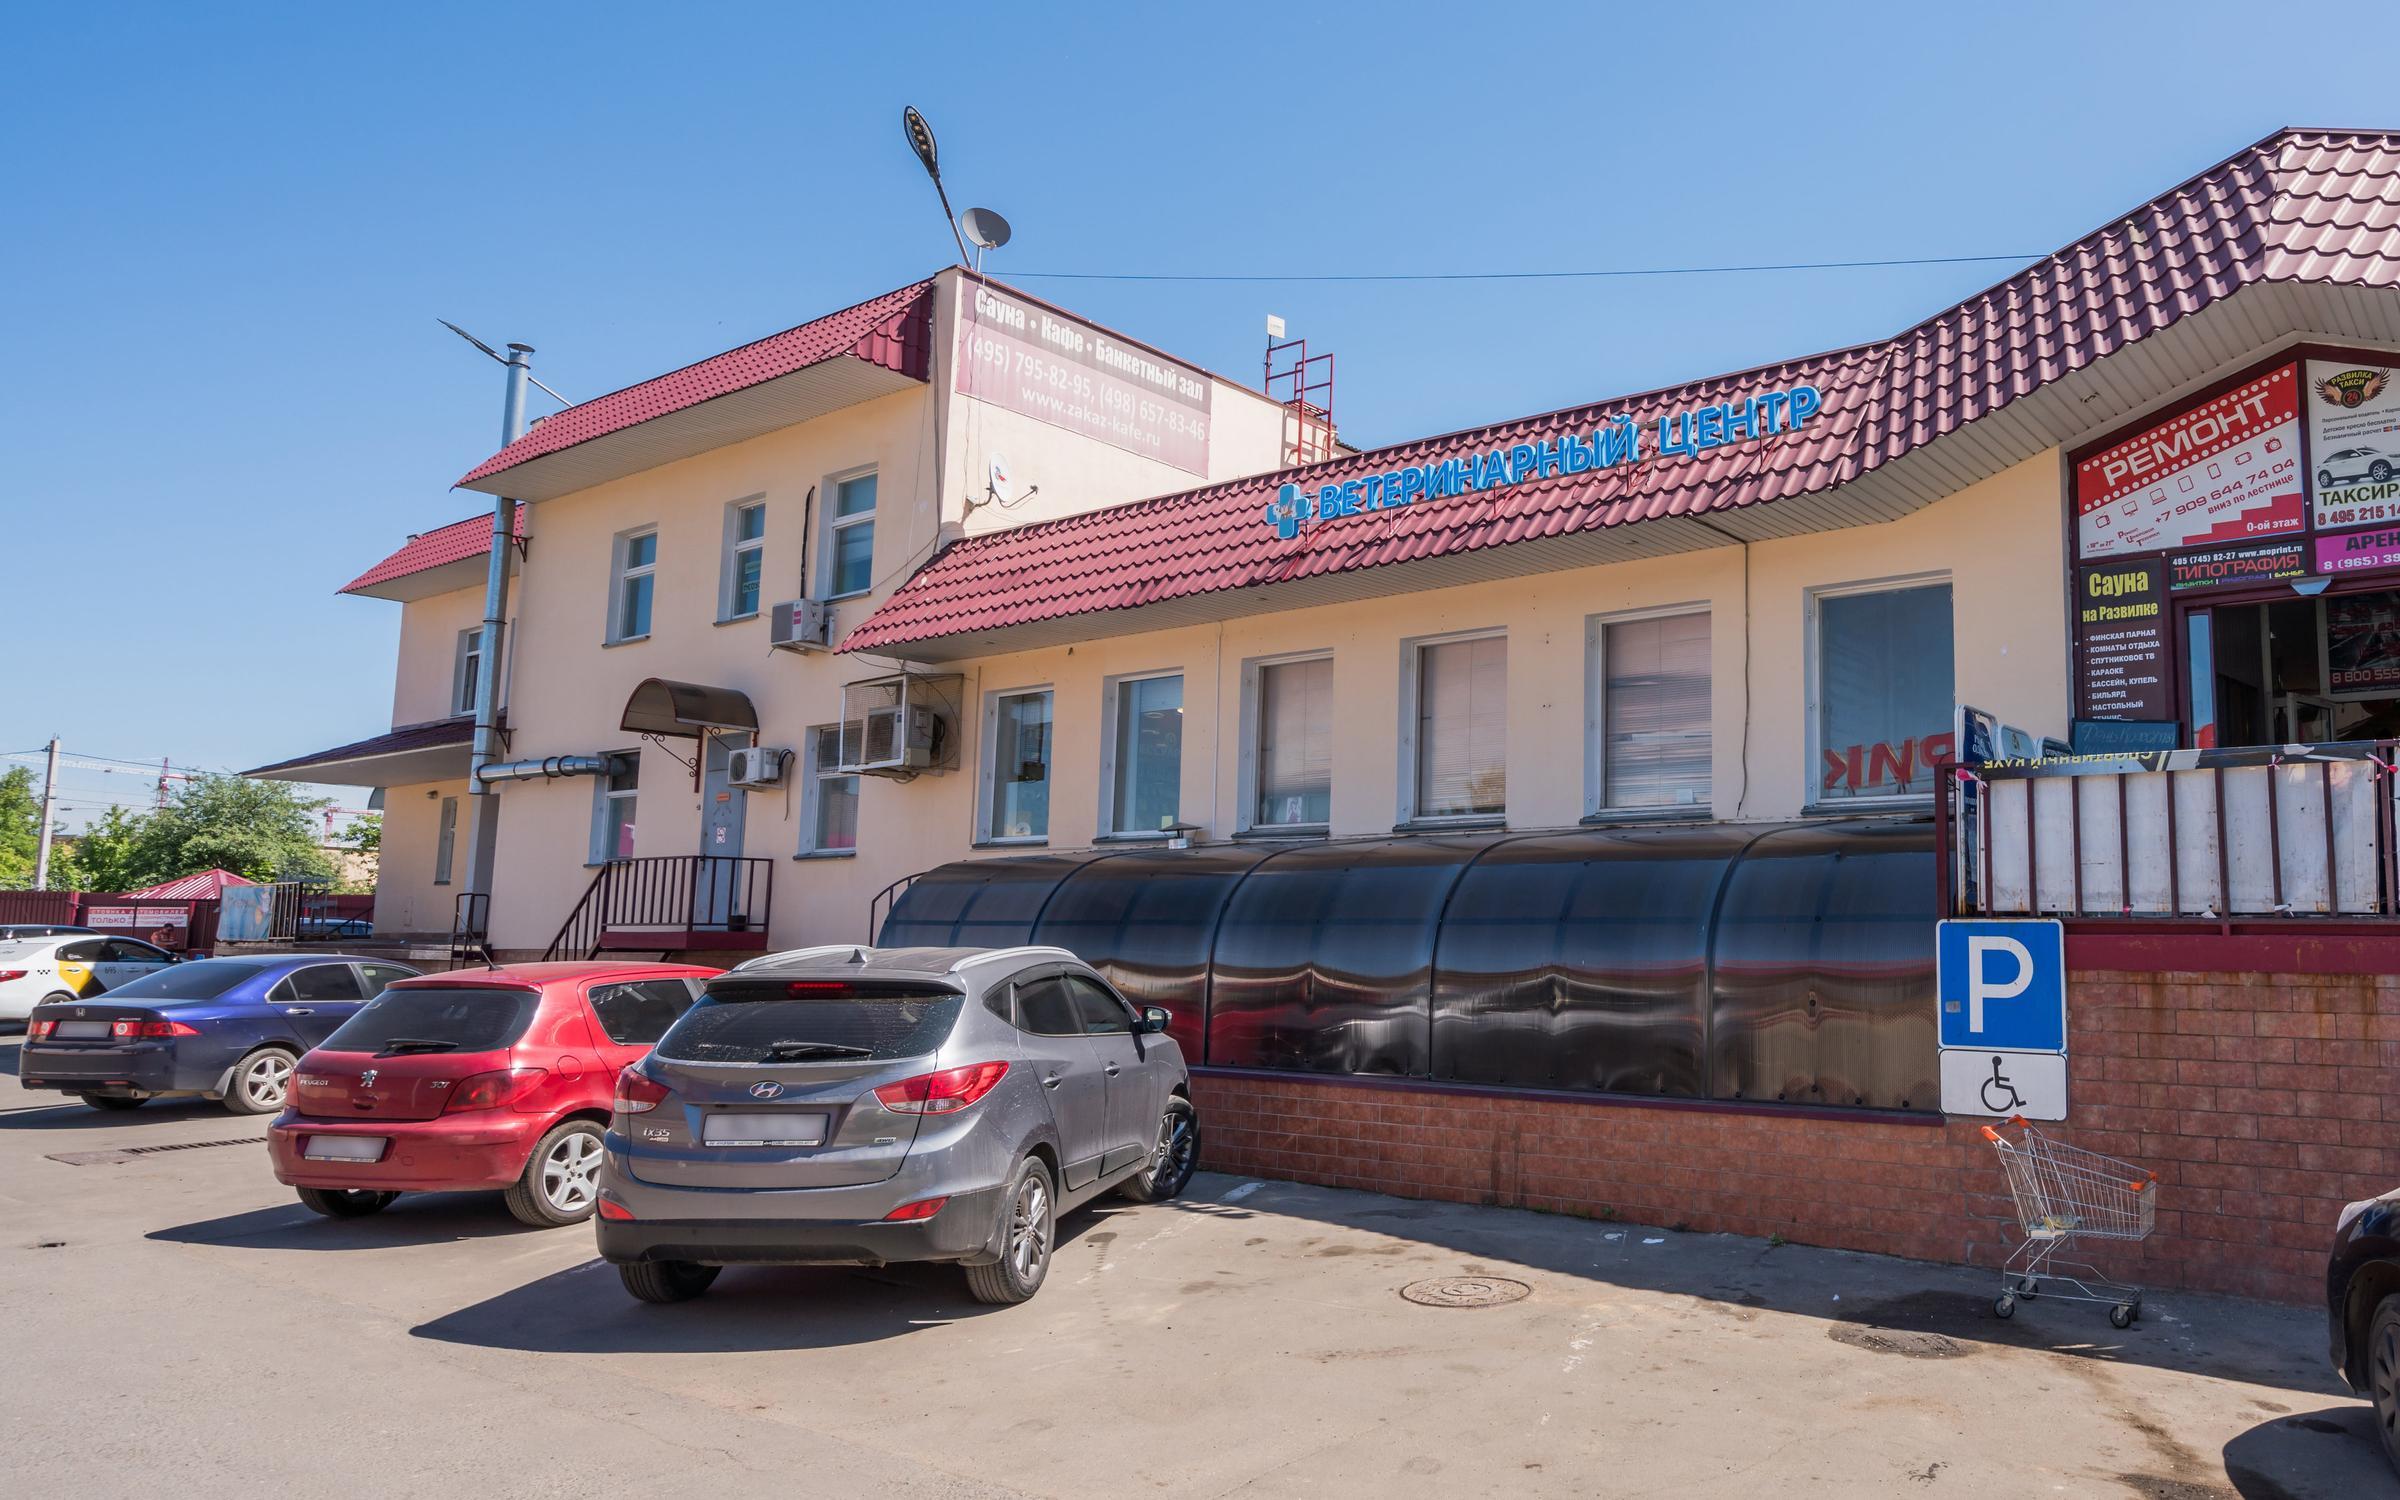 фотография Ветеринарного центра Viki-ВЕТ в посёлке Развилка